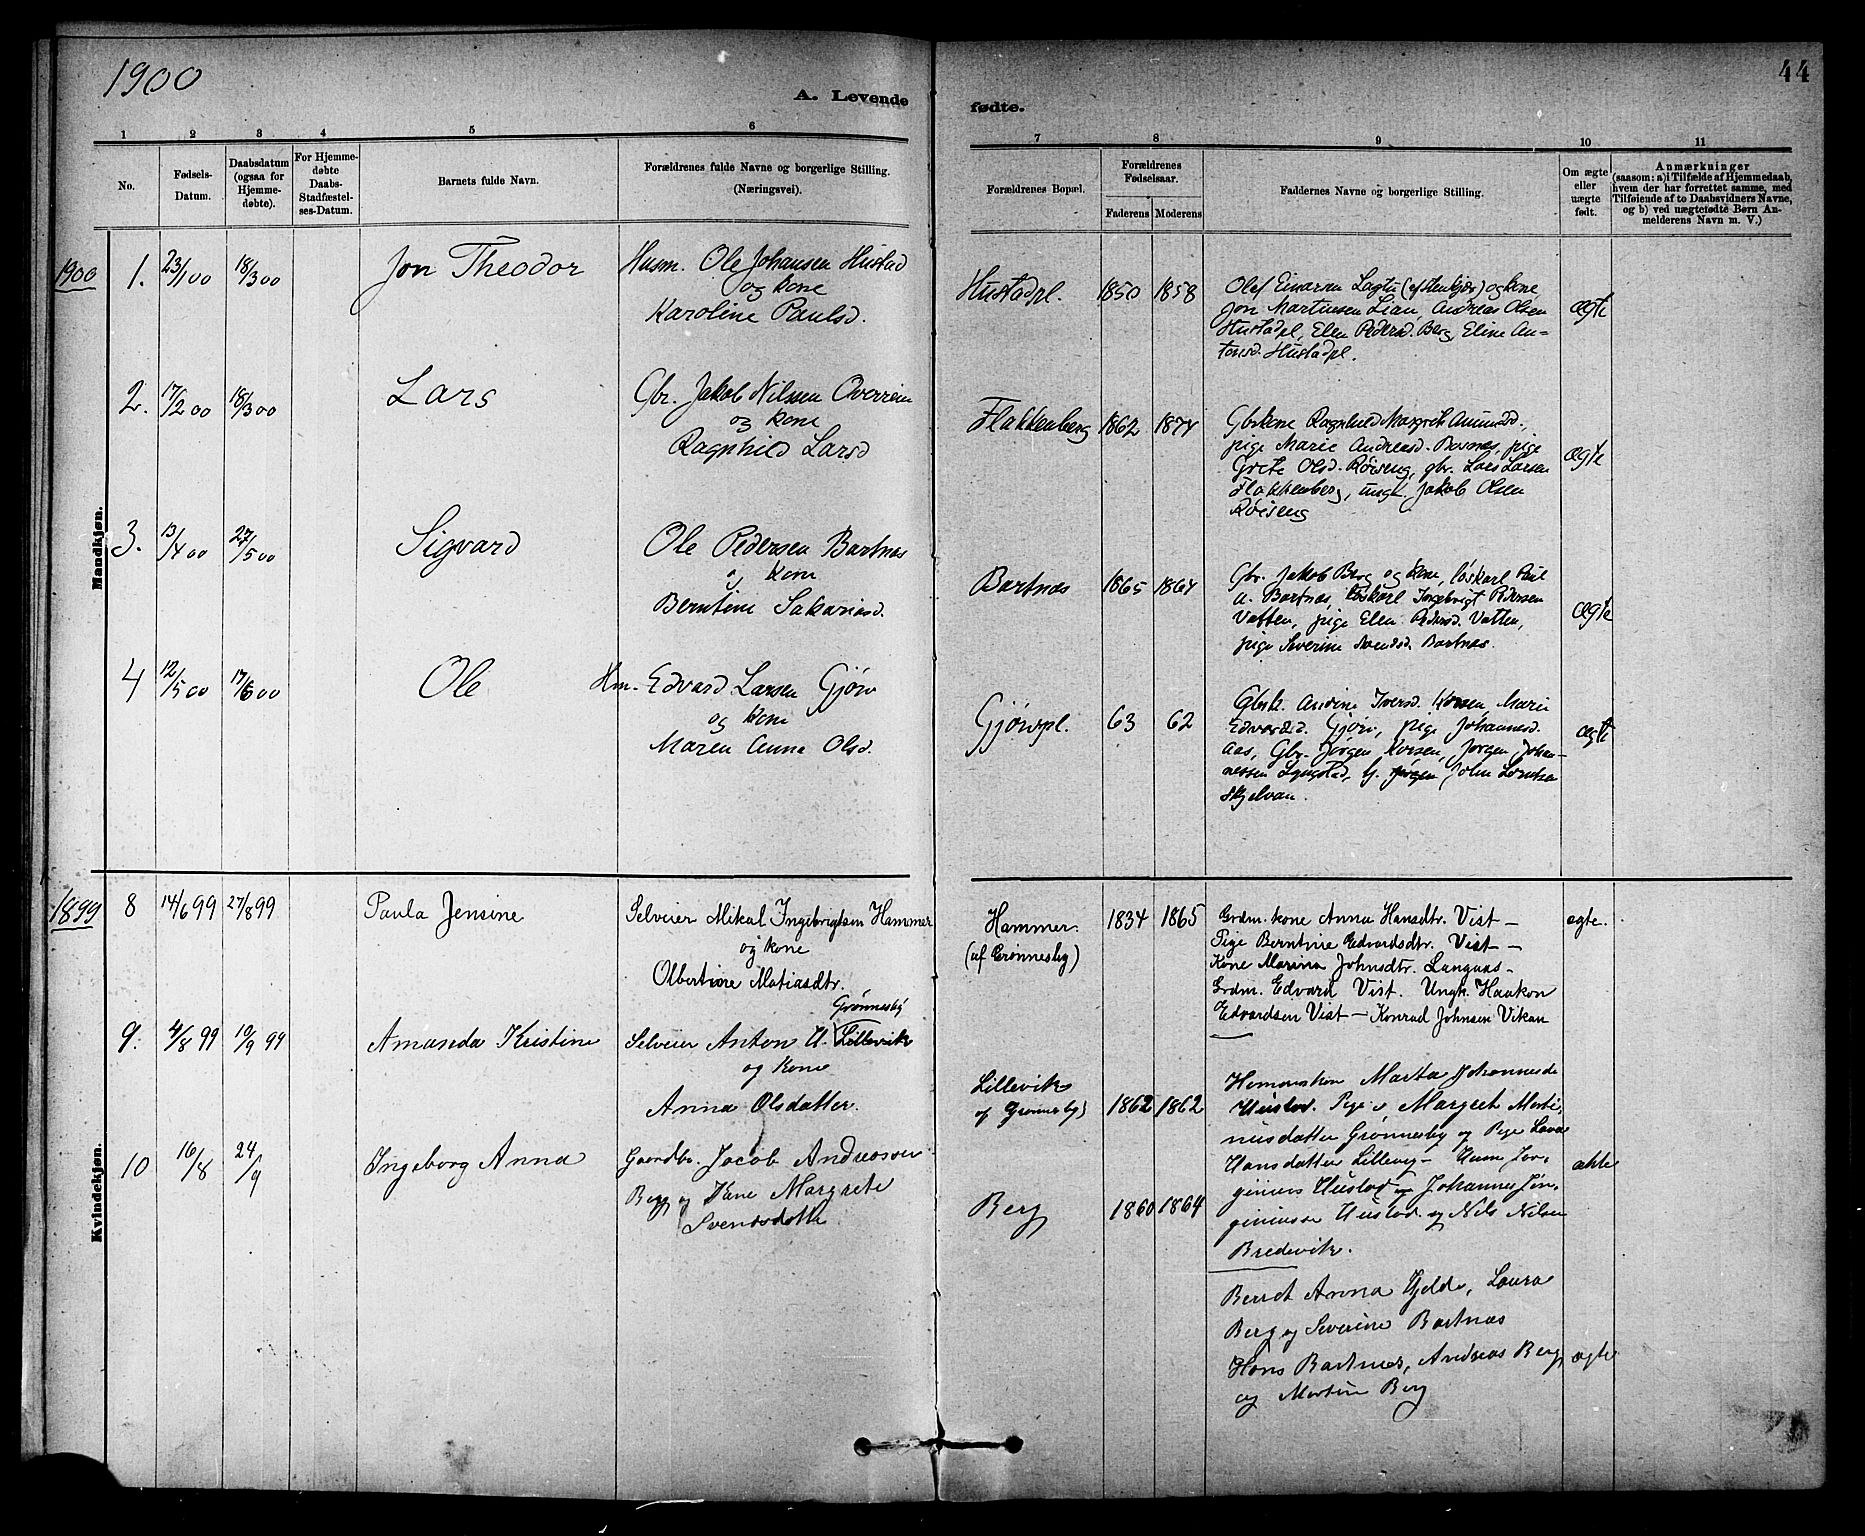 SAT, Ministerialprotokoller, klokkerbøker og fødselsregistre - Nord-Trøndelag, 732/L0318: Klokkerbok nr. 732C02, 1881-1911, s. 44